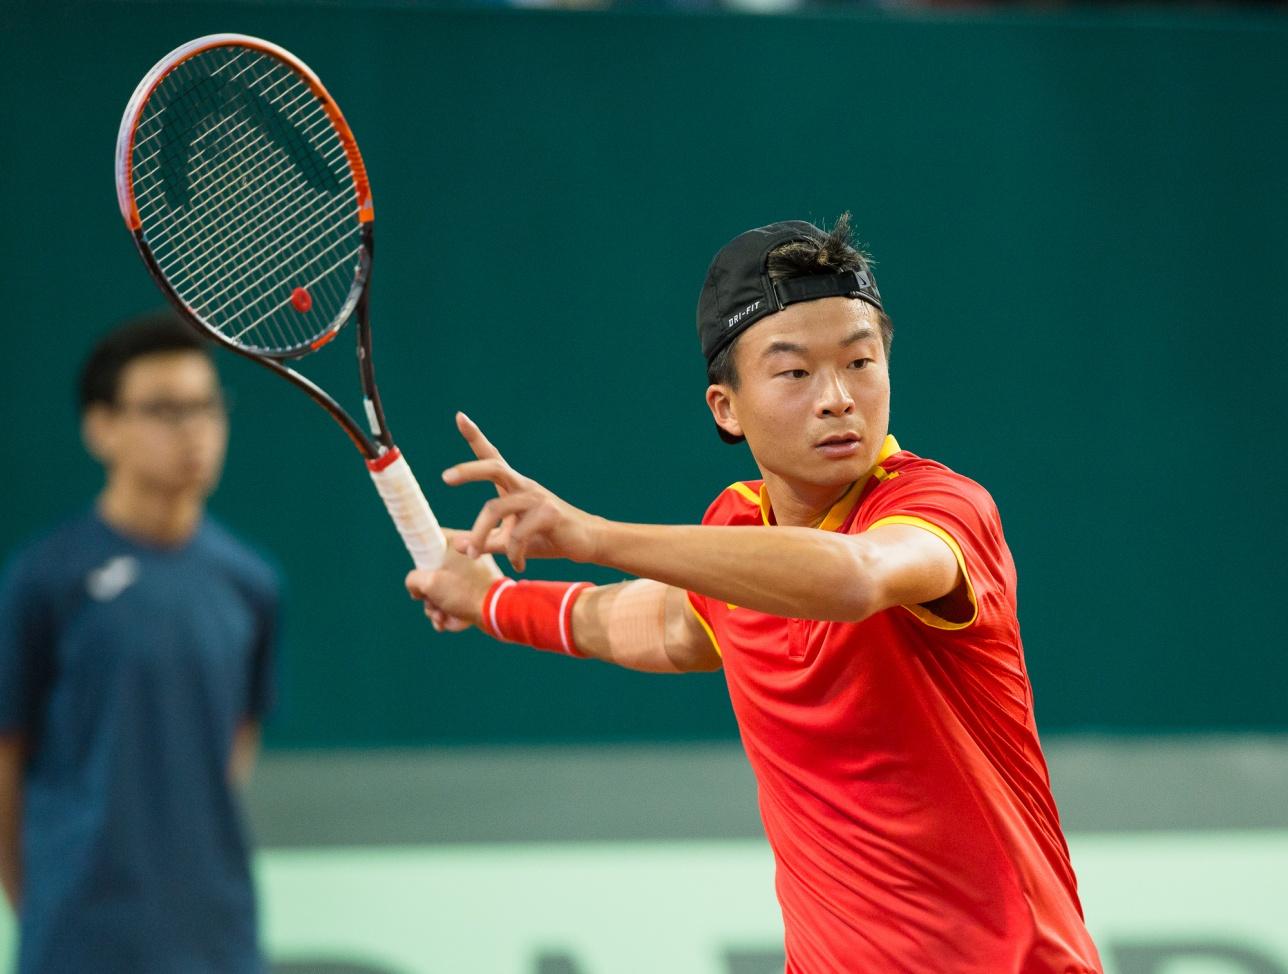 Однако вторая ракетка сборной Китая сумел выиграть у Кукушкина один сет